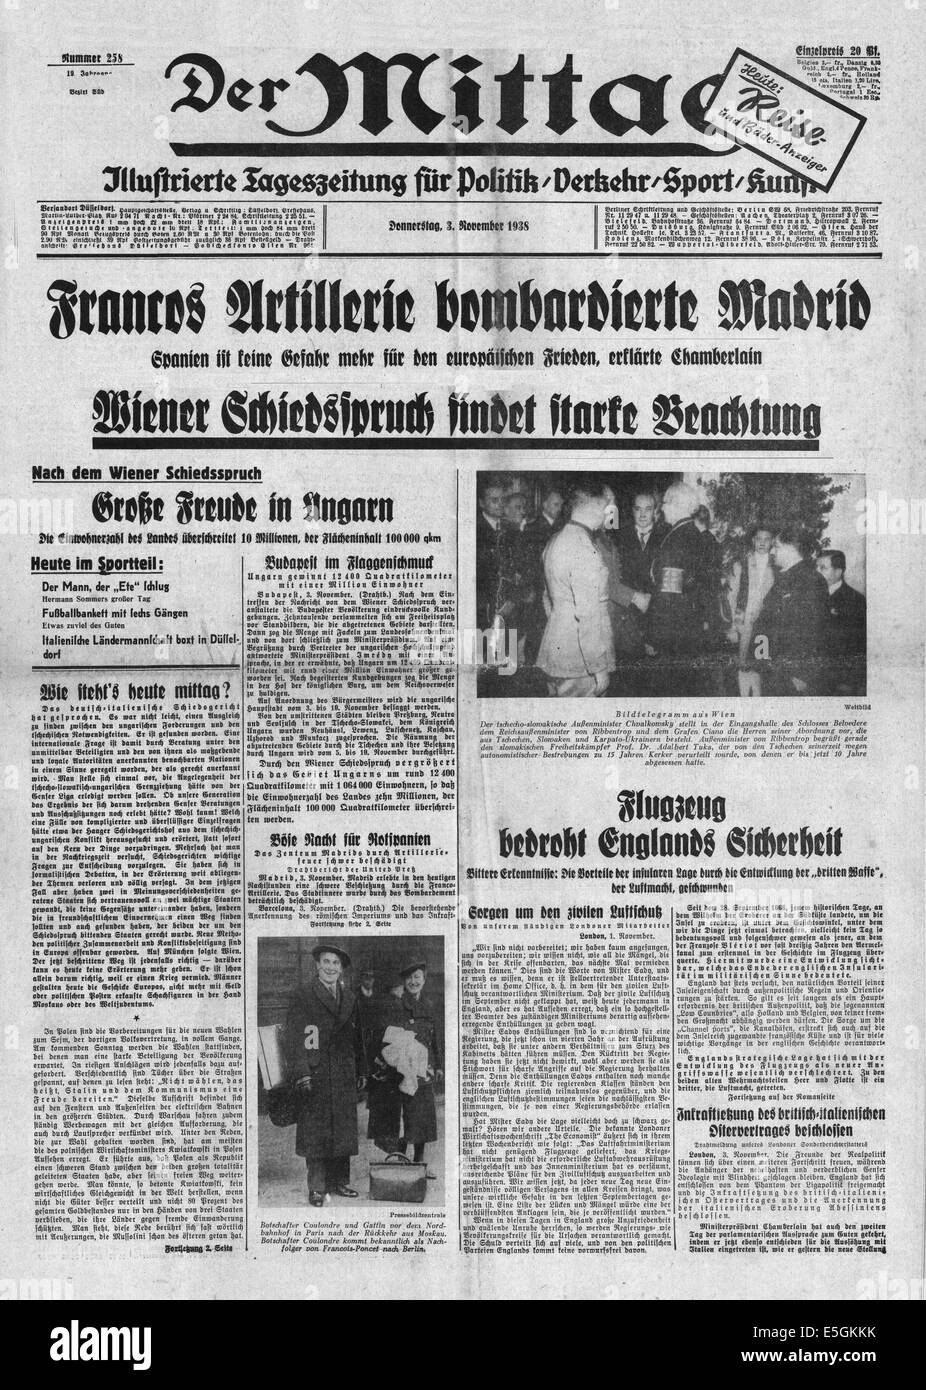 1938 Der Mittag Allemagne Page De Présentation De L